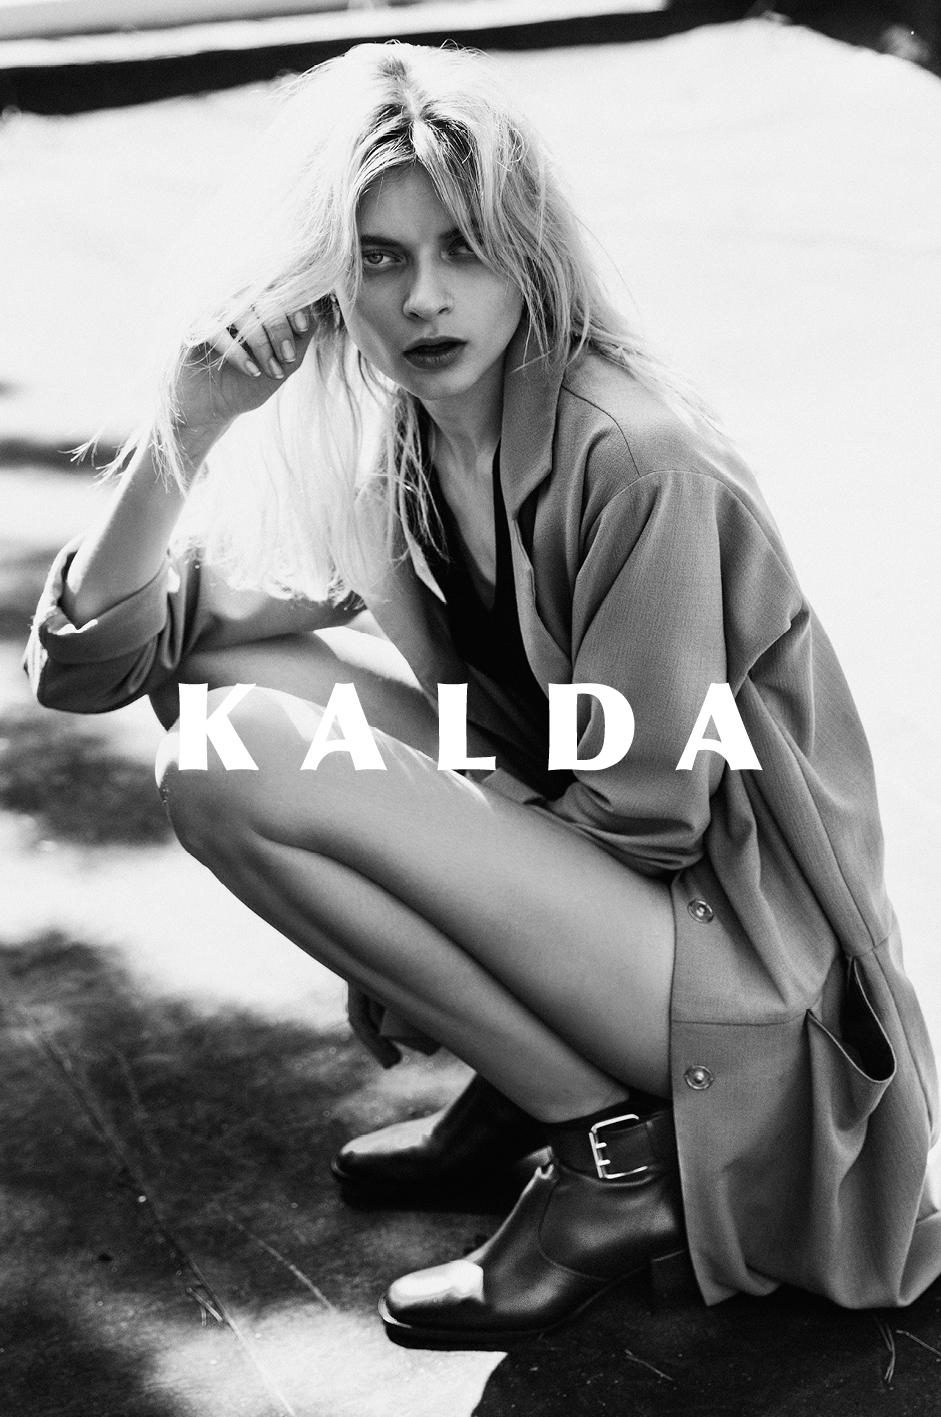 Kalda+social+media38.jpg